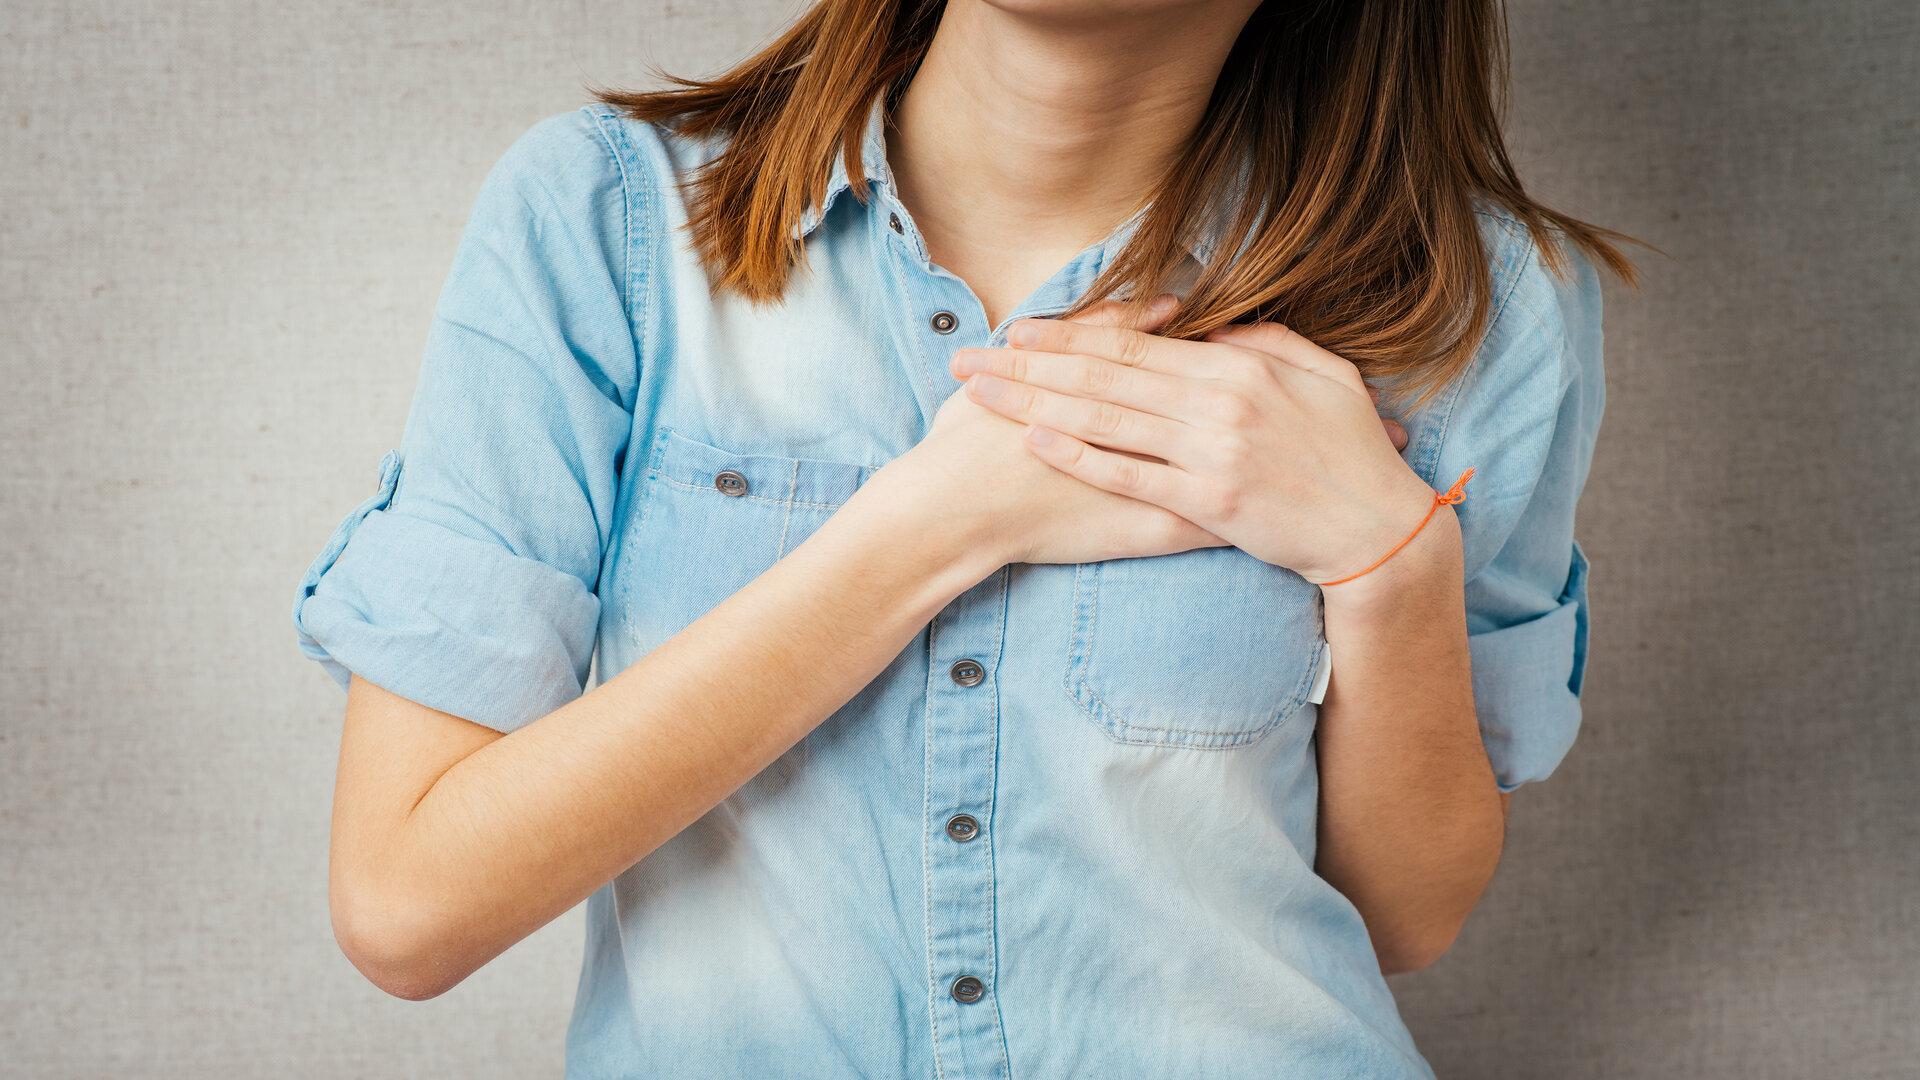 Le sexe est-il sans danger pour les personnes souffrant de maladie cardiaque ?